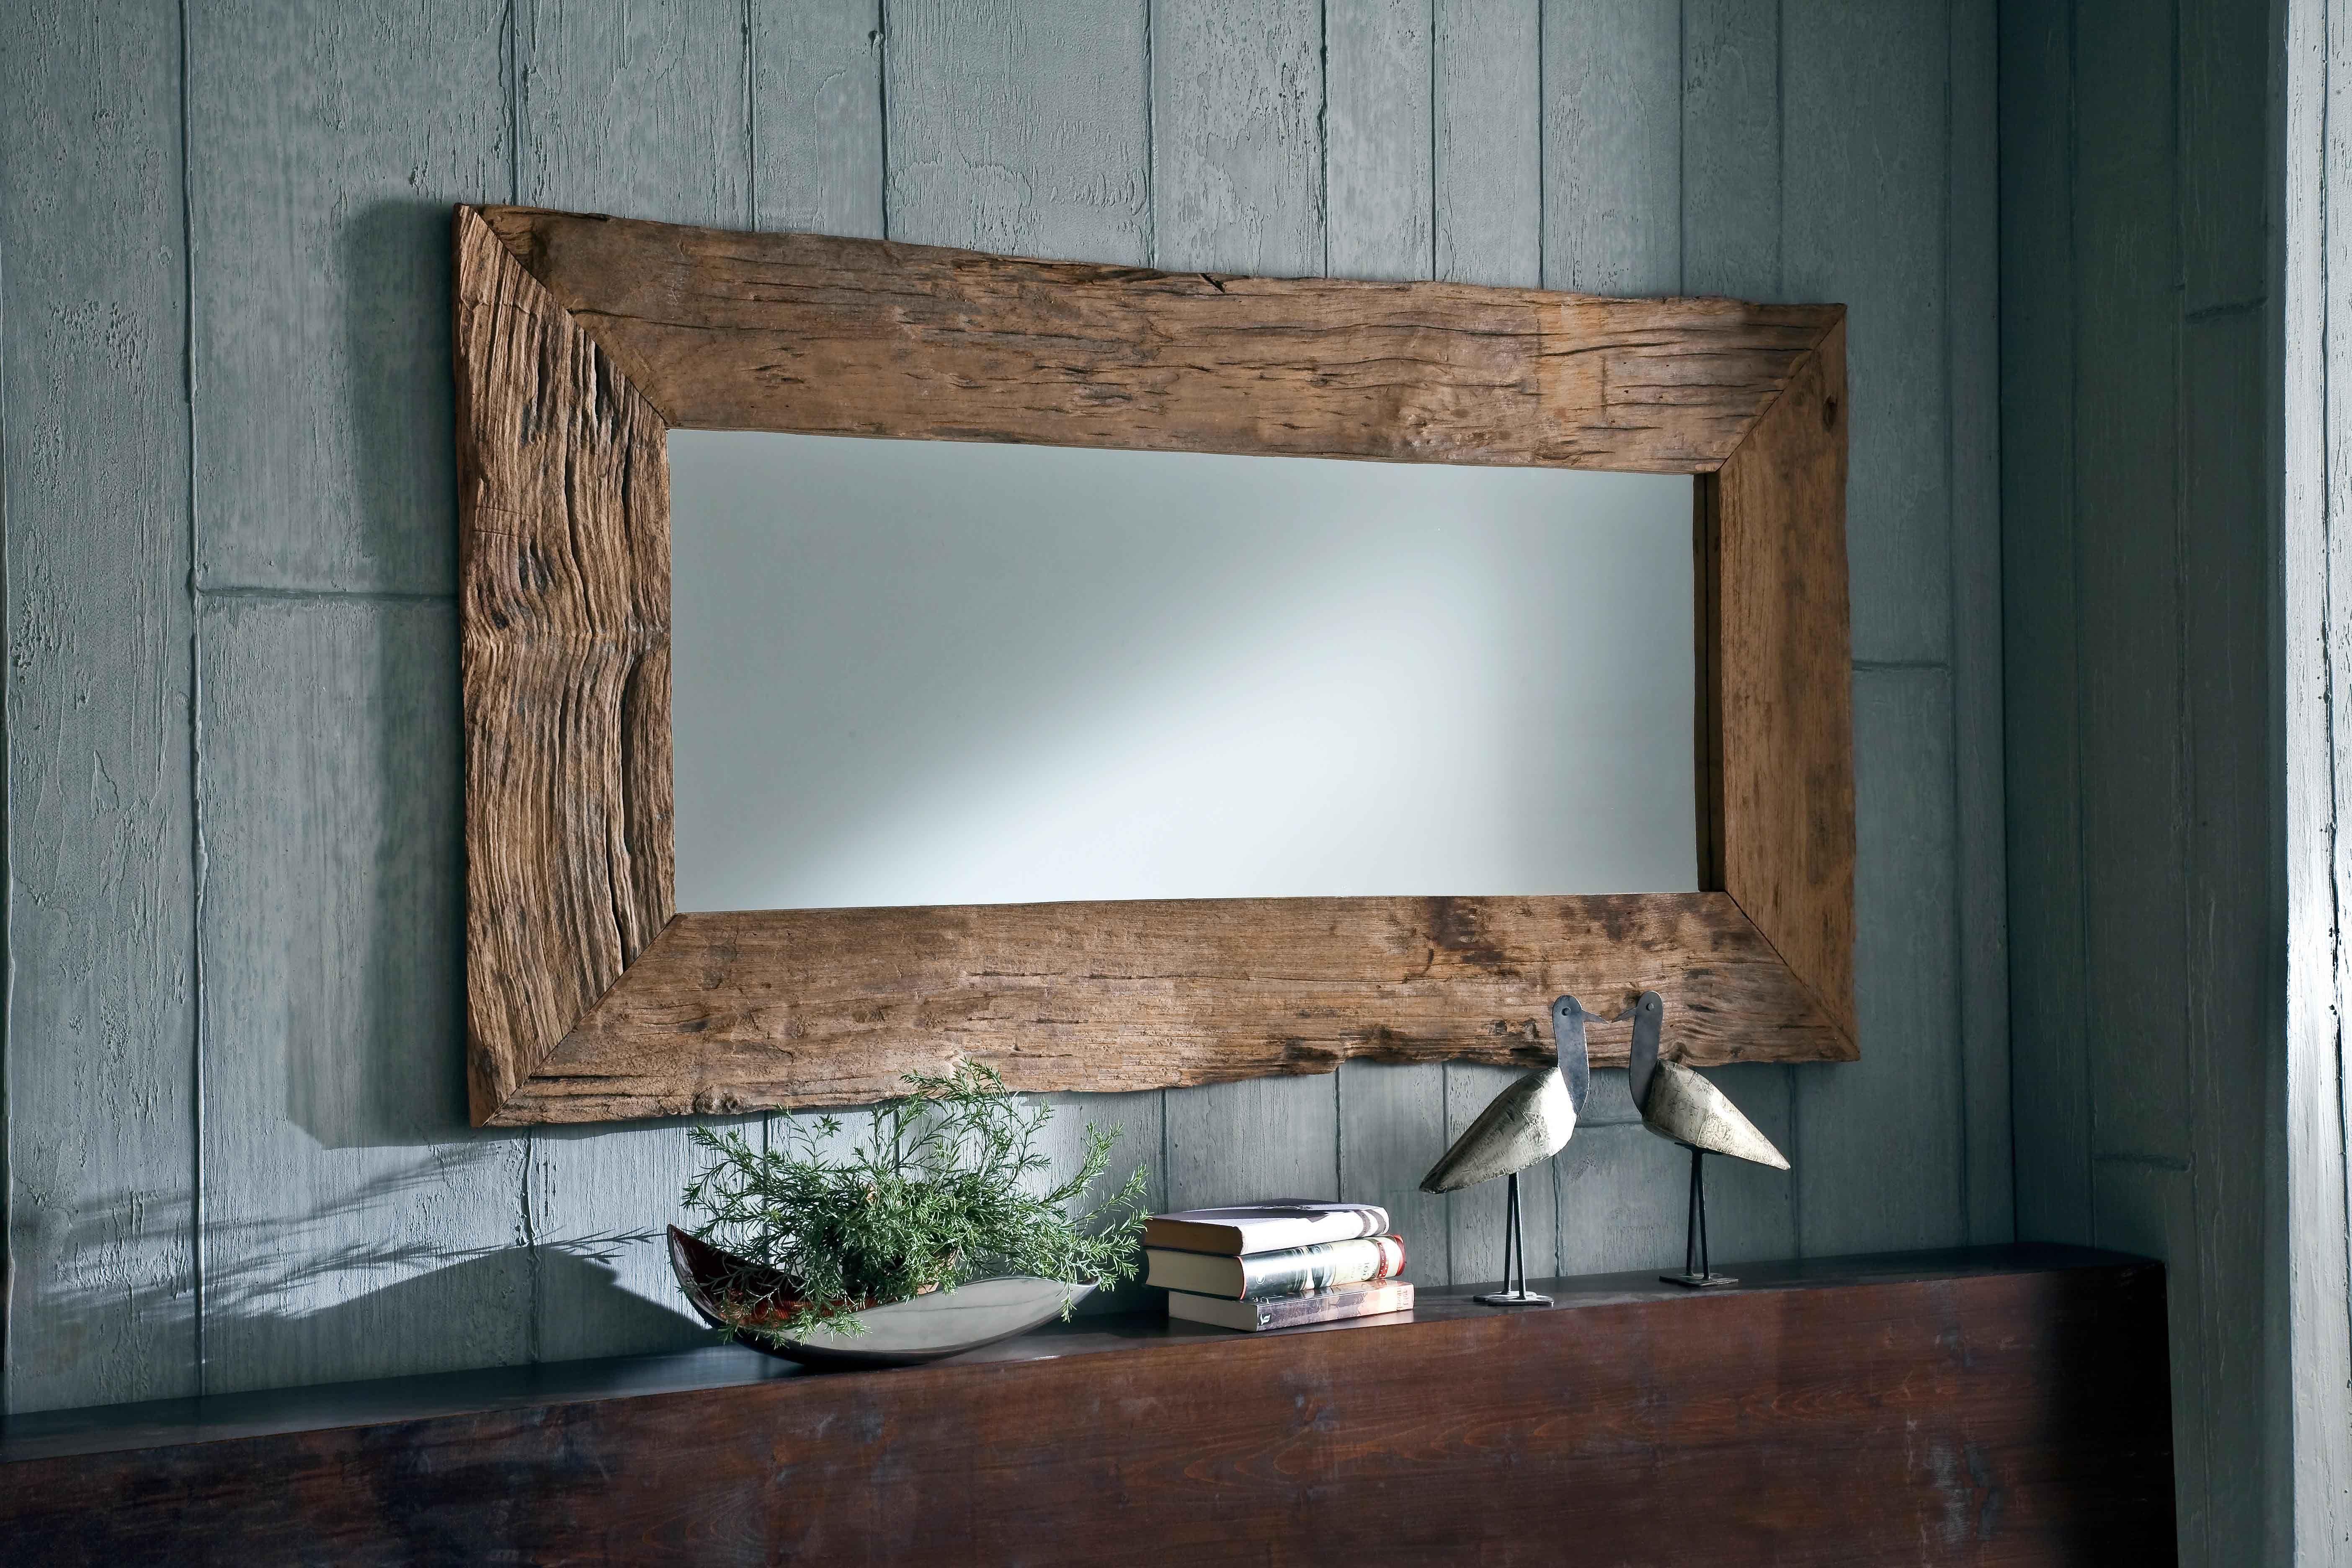 Ein #Spiegel mit einem solchen Rahmen, sieht man nicht alle Tage. Hinzu kommt, dass dieser #Spiegel der #UNIKAT-Serie aus #Teak-#Altholz besteht oder noch genauer gesagt #Wurzelholz, ein #Holz, welches erst mühevoll mit #Hand nachbearbeitet wird.